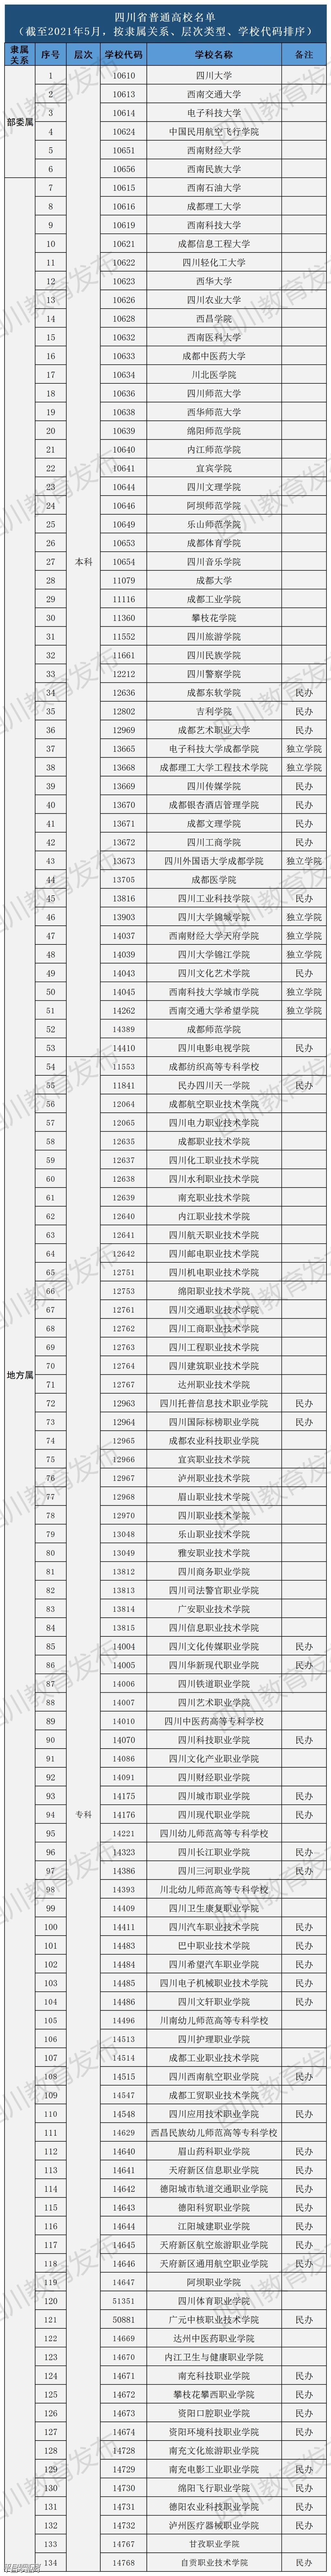 四川134所正规高校名单快收好!其中2所是今年新增...